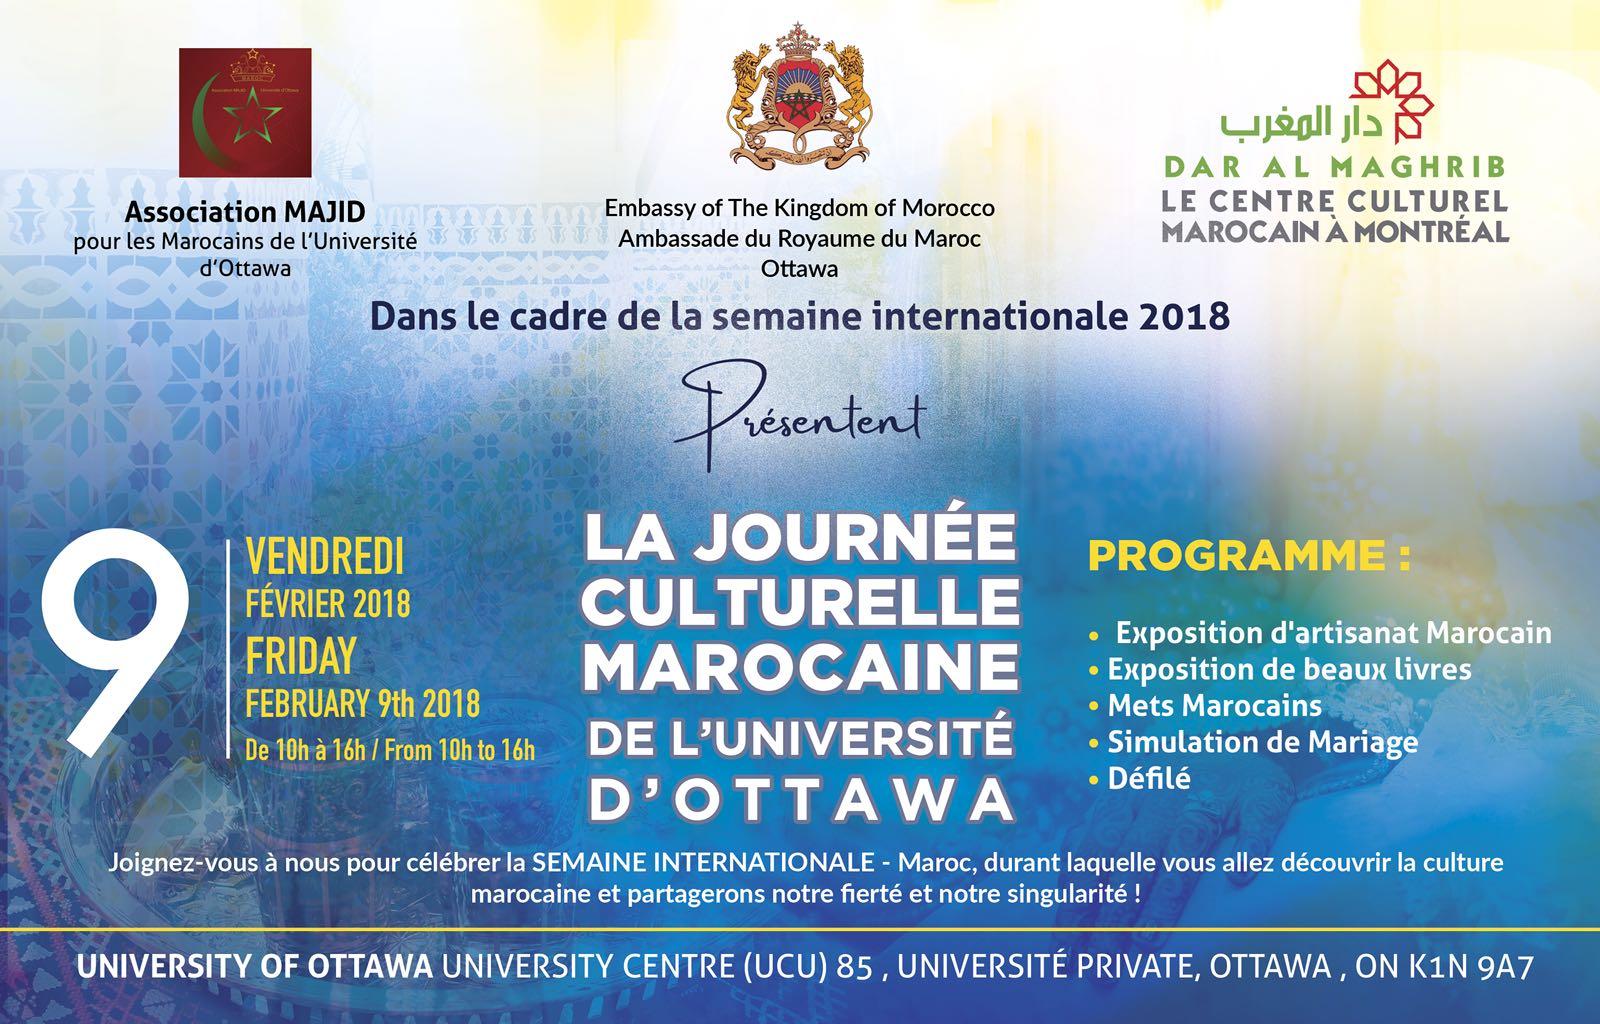 LA JOURNÉE CULTURELLE MAROCAINE À L'UNIVERSITÉ D'OTTAWA